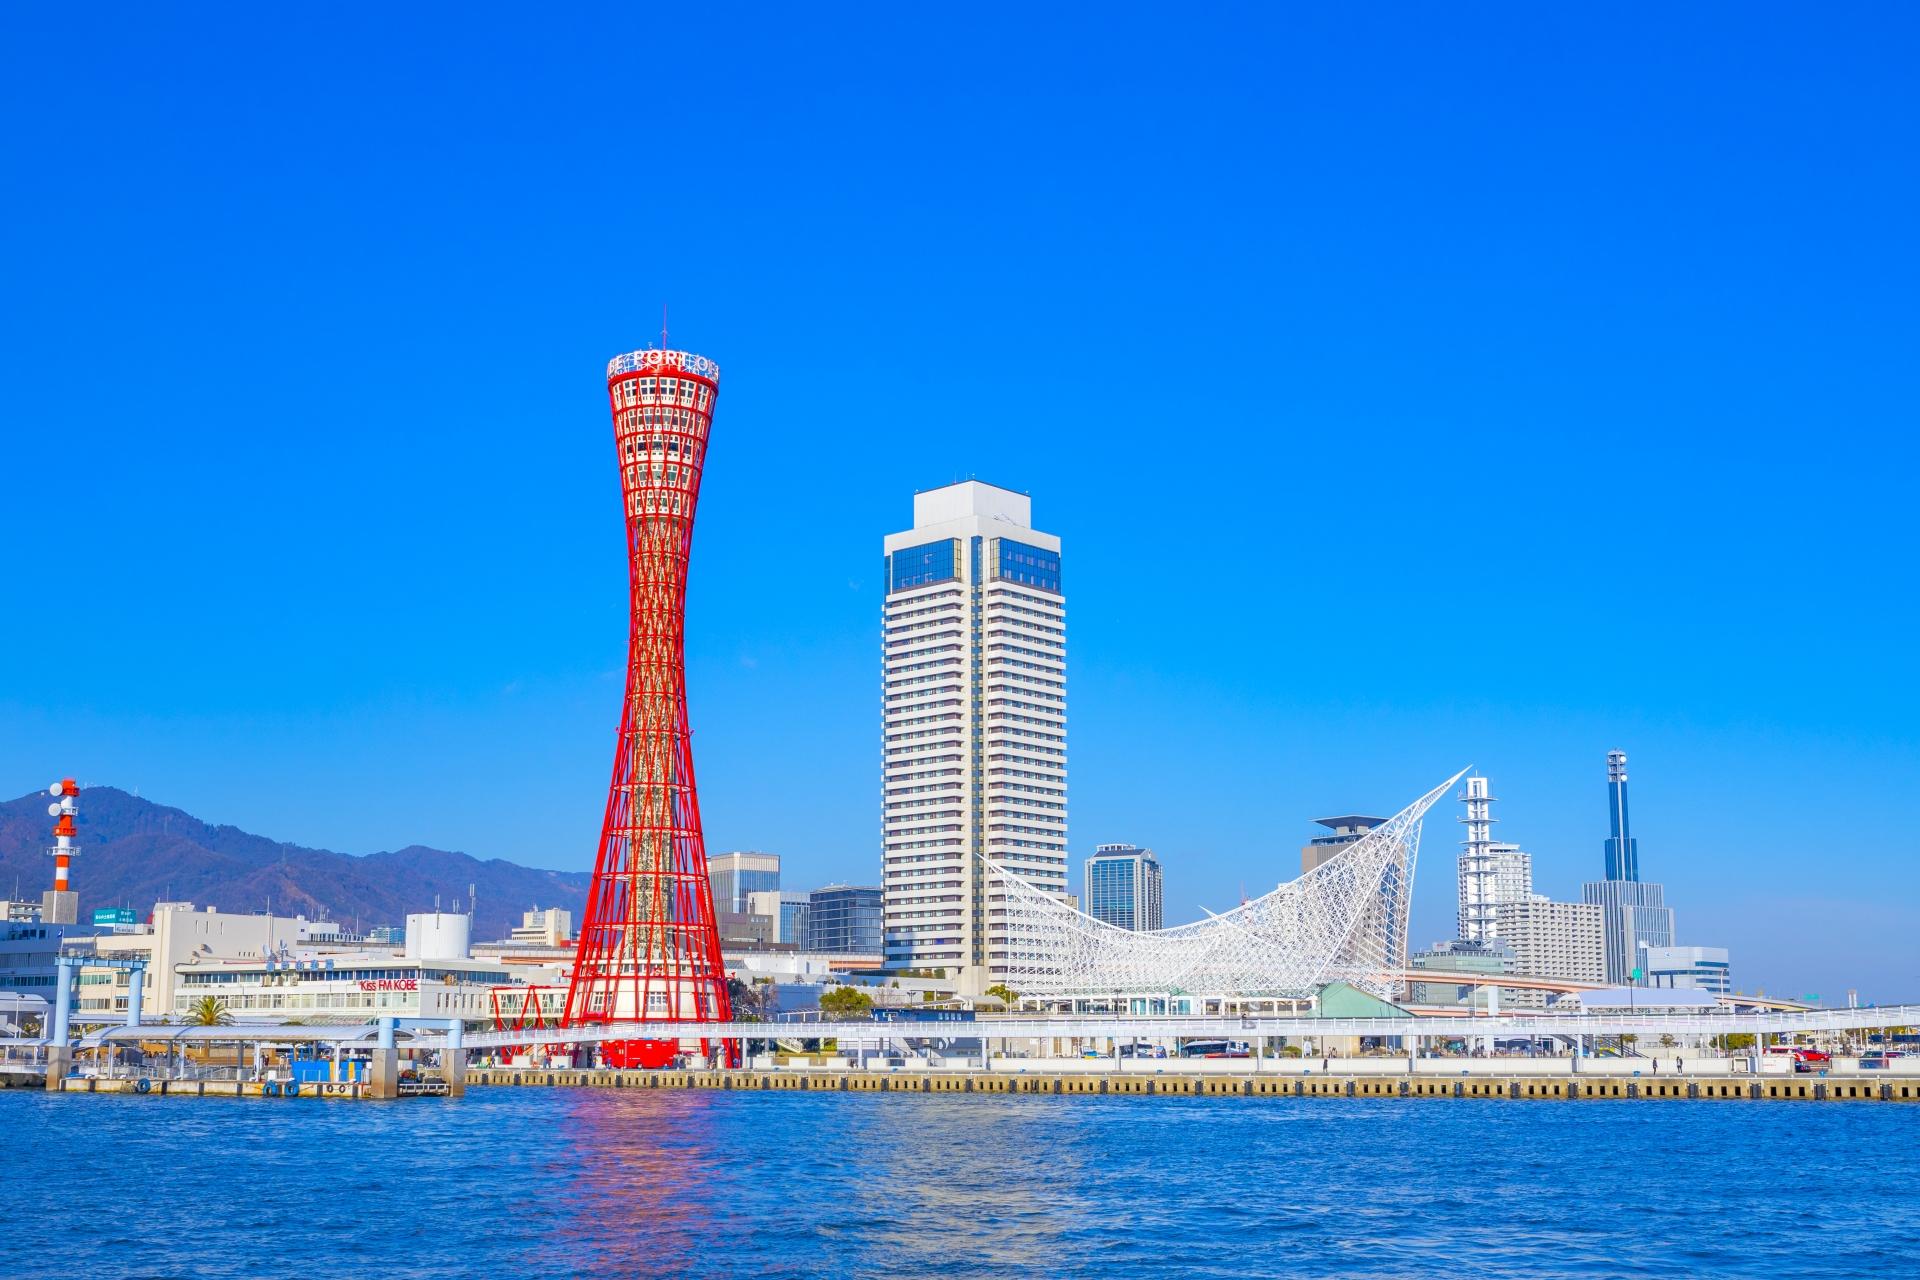 神戸で雨でも楽しめる観光スポット31選!デートや子供連れにおすすめは?